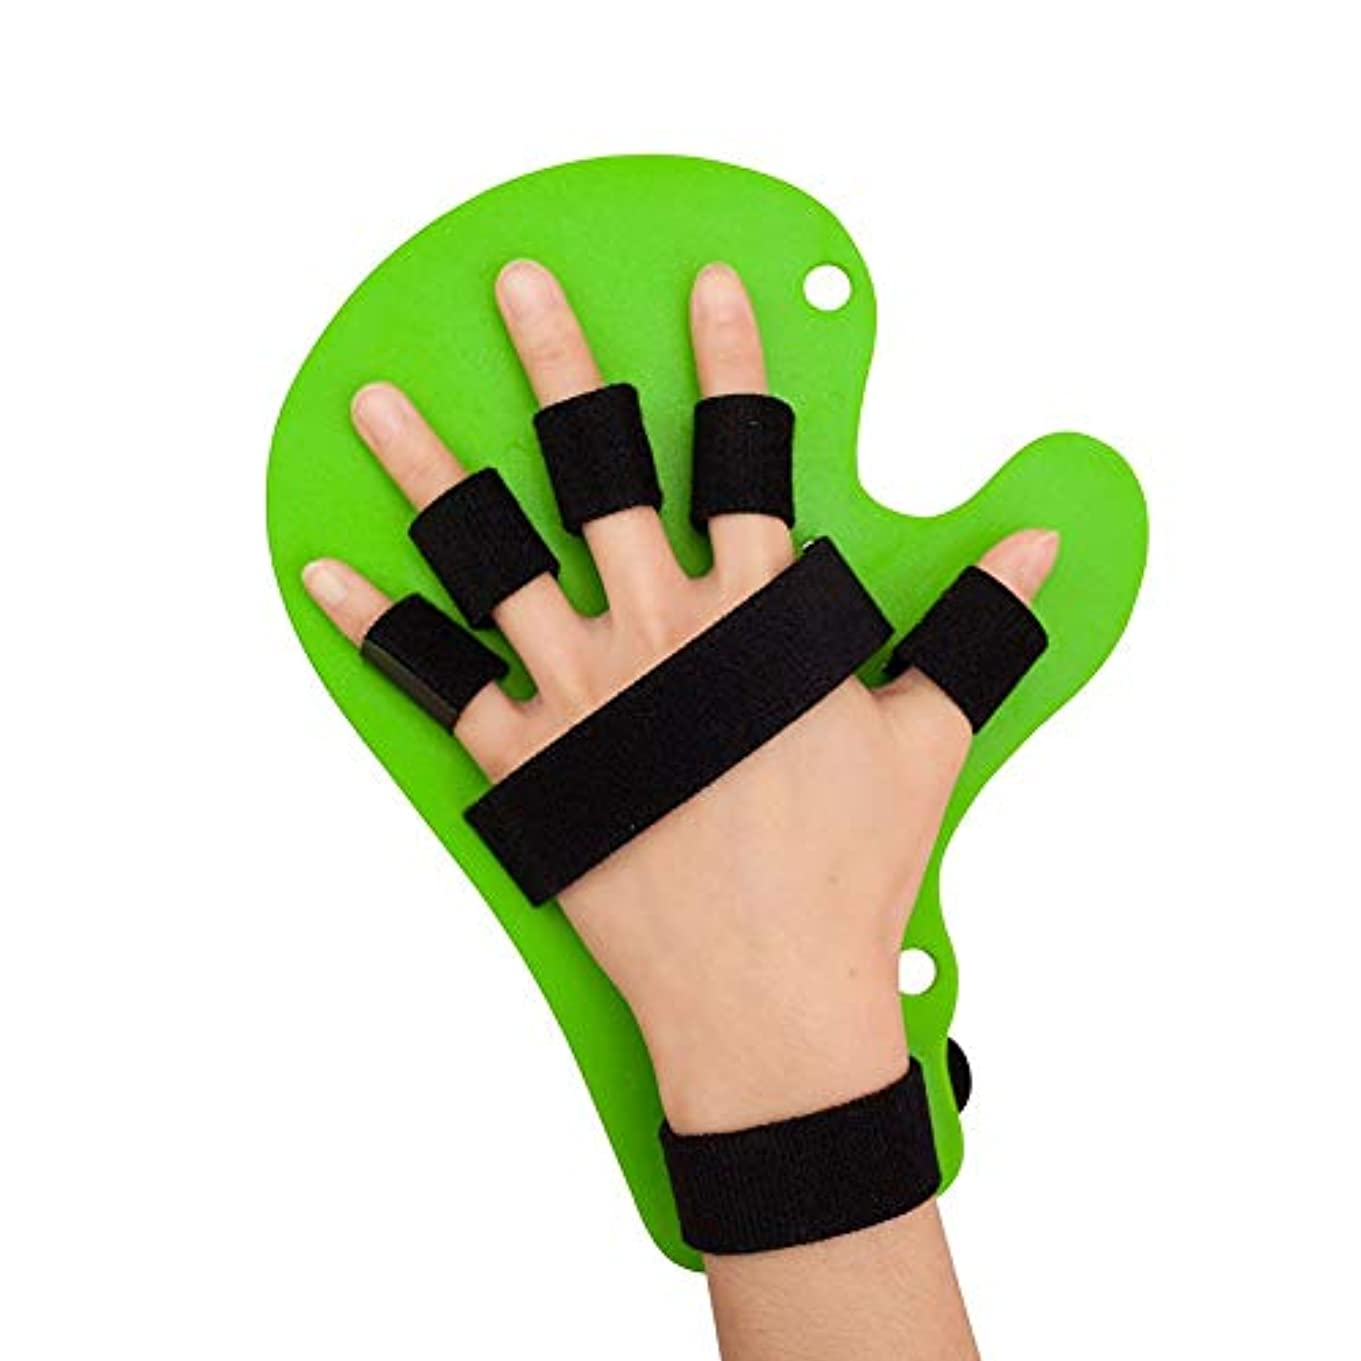 お想定女優インソールには指、指スプリント指指セパレーターをポイント指、インソールには、手の手首のトレーニング装具デバイスのポイント (Color : 緑)